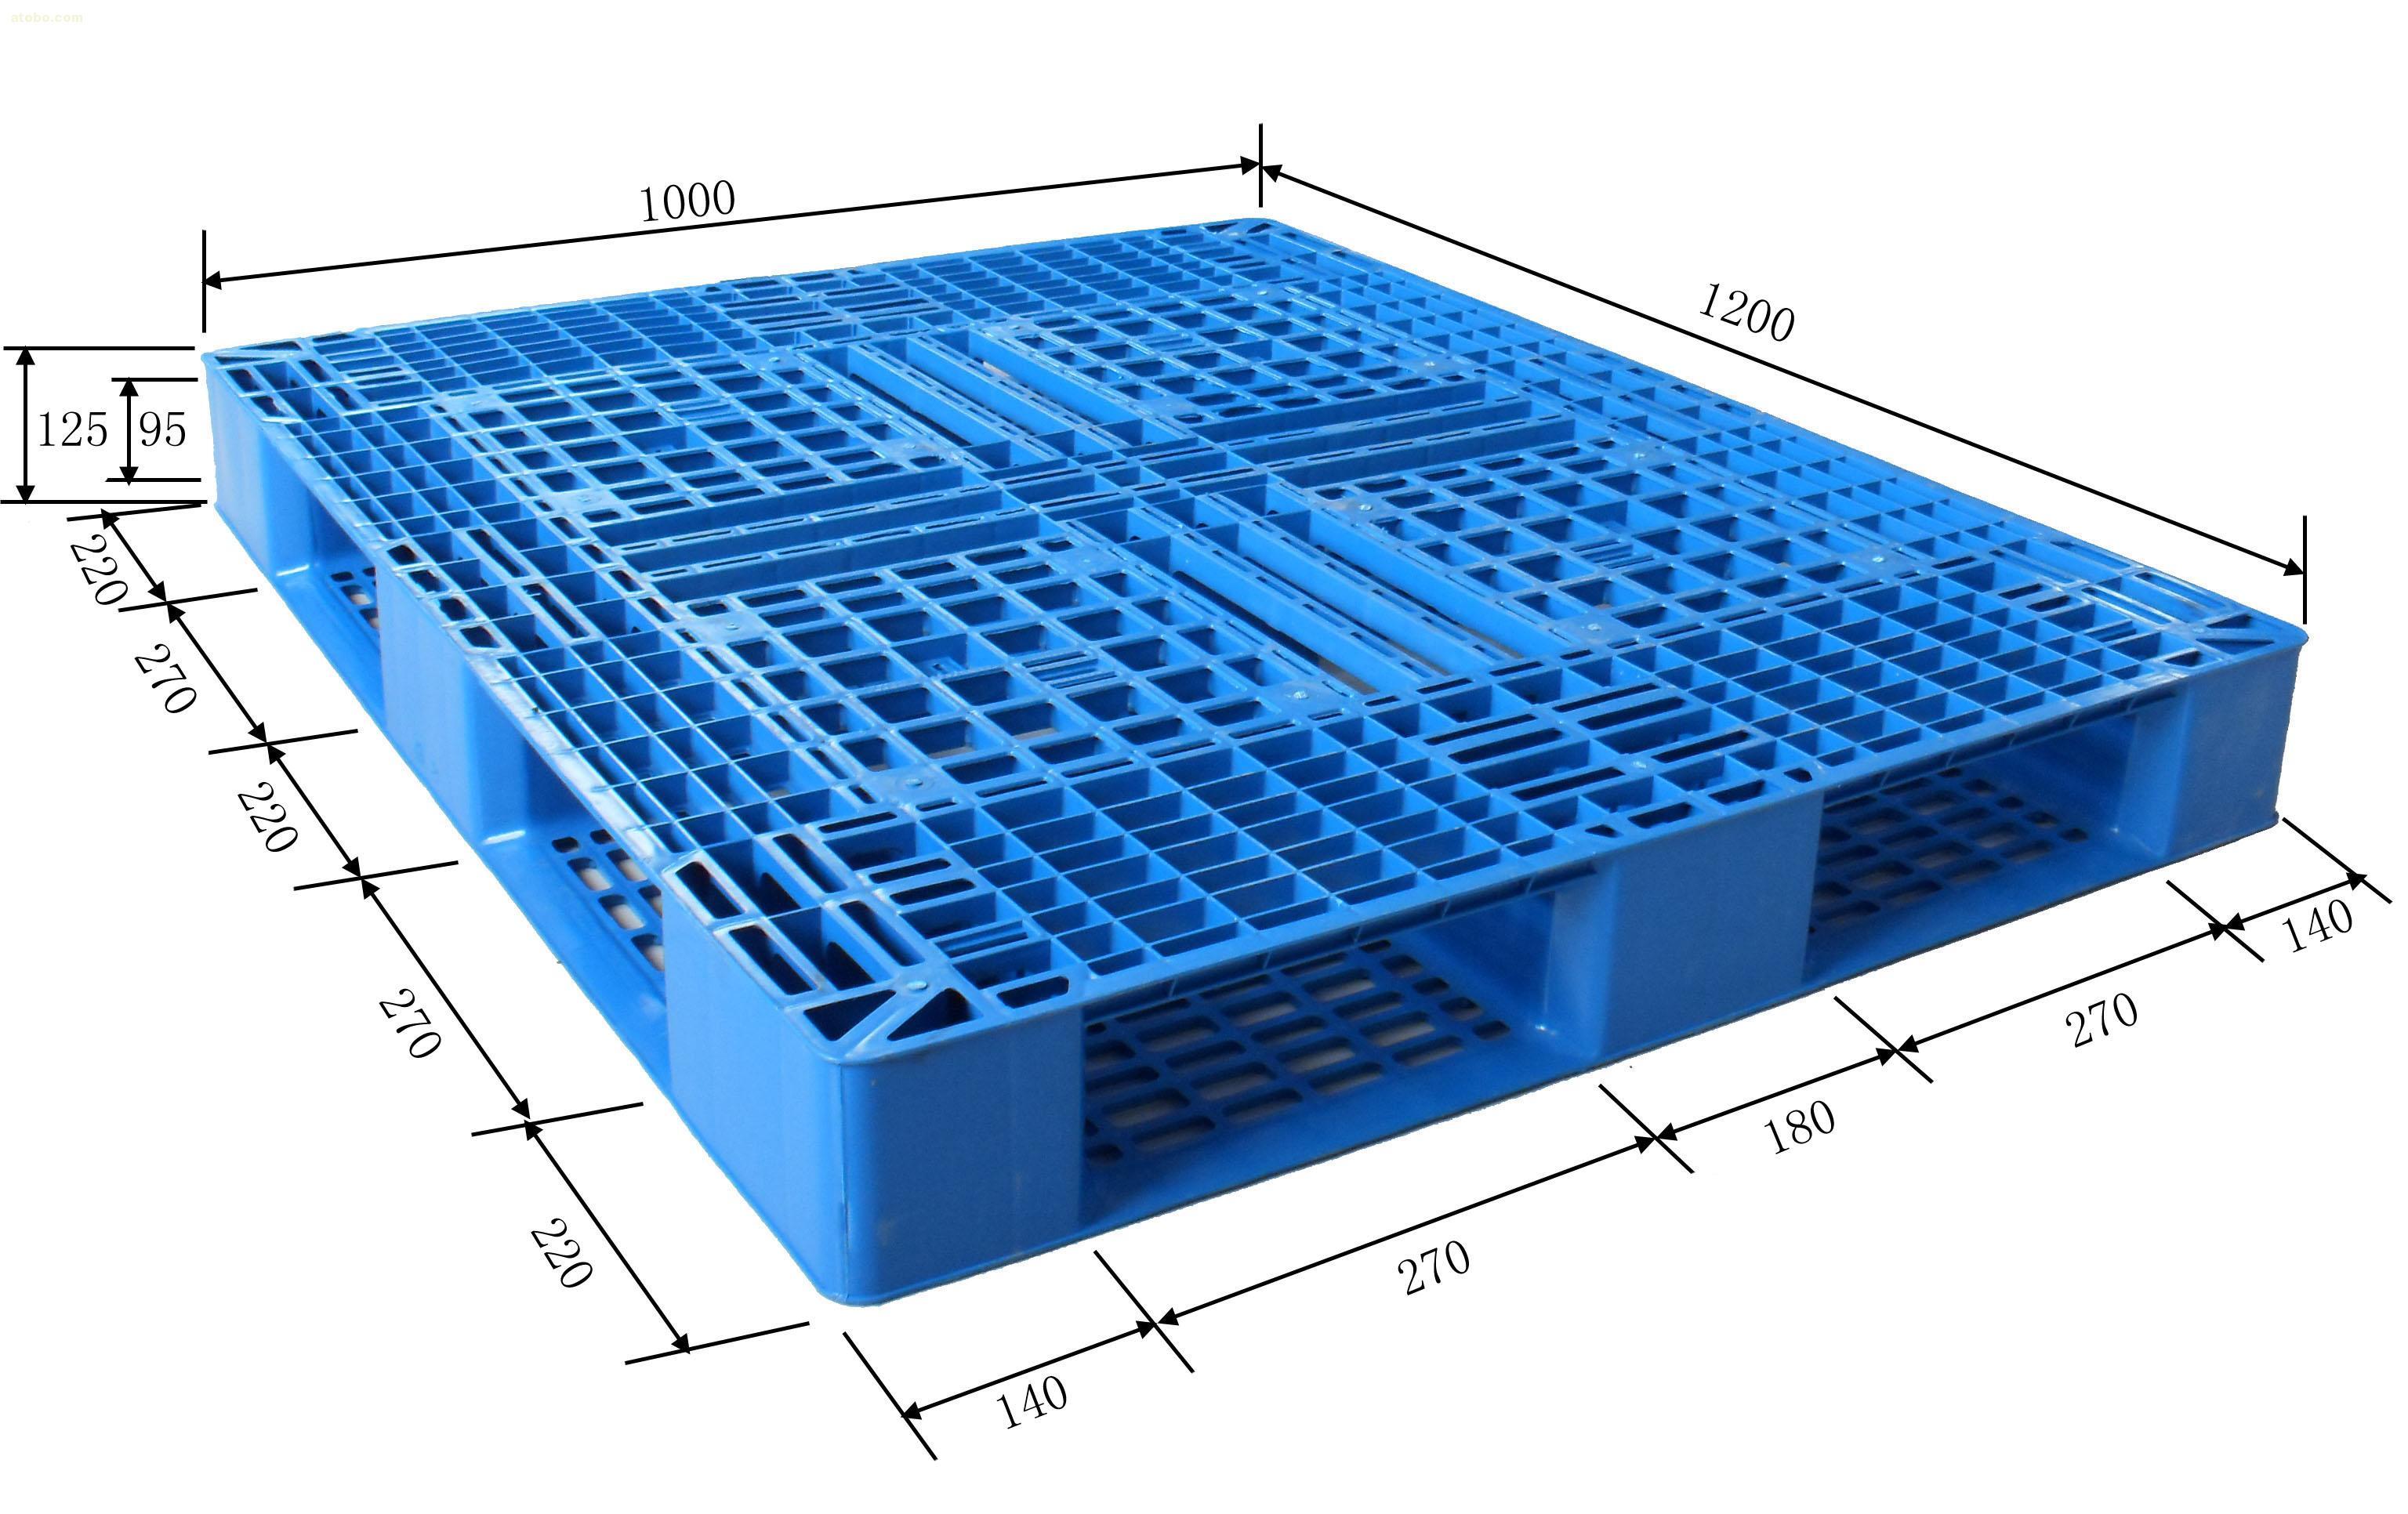 cheap 1210 double plastic pallets